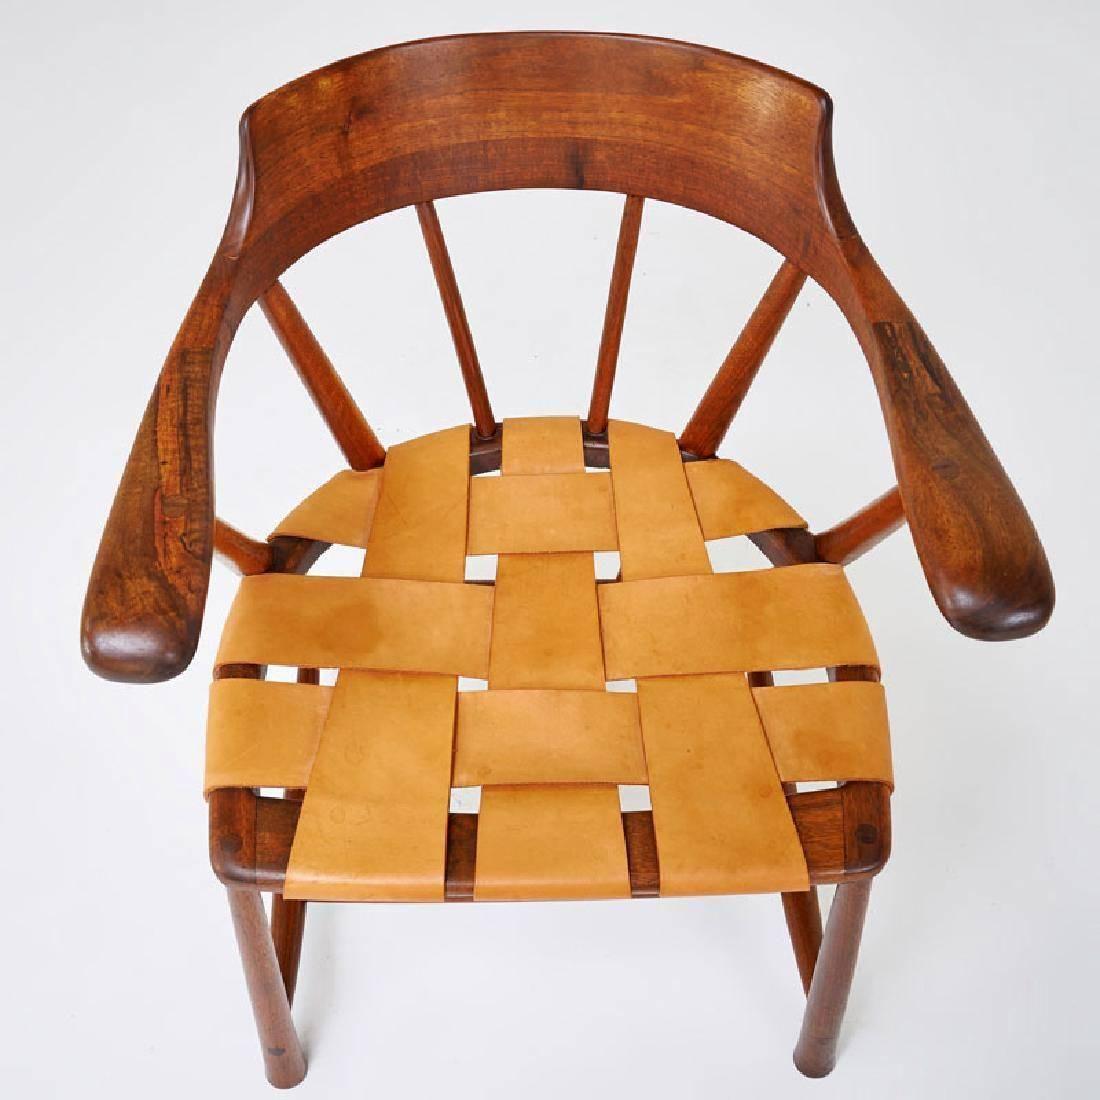 Rare Pair Of Walnut Captain Chair By Wharton Esherick In 2020 Wharton Esherick Walnut Chair Chair